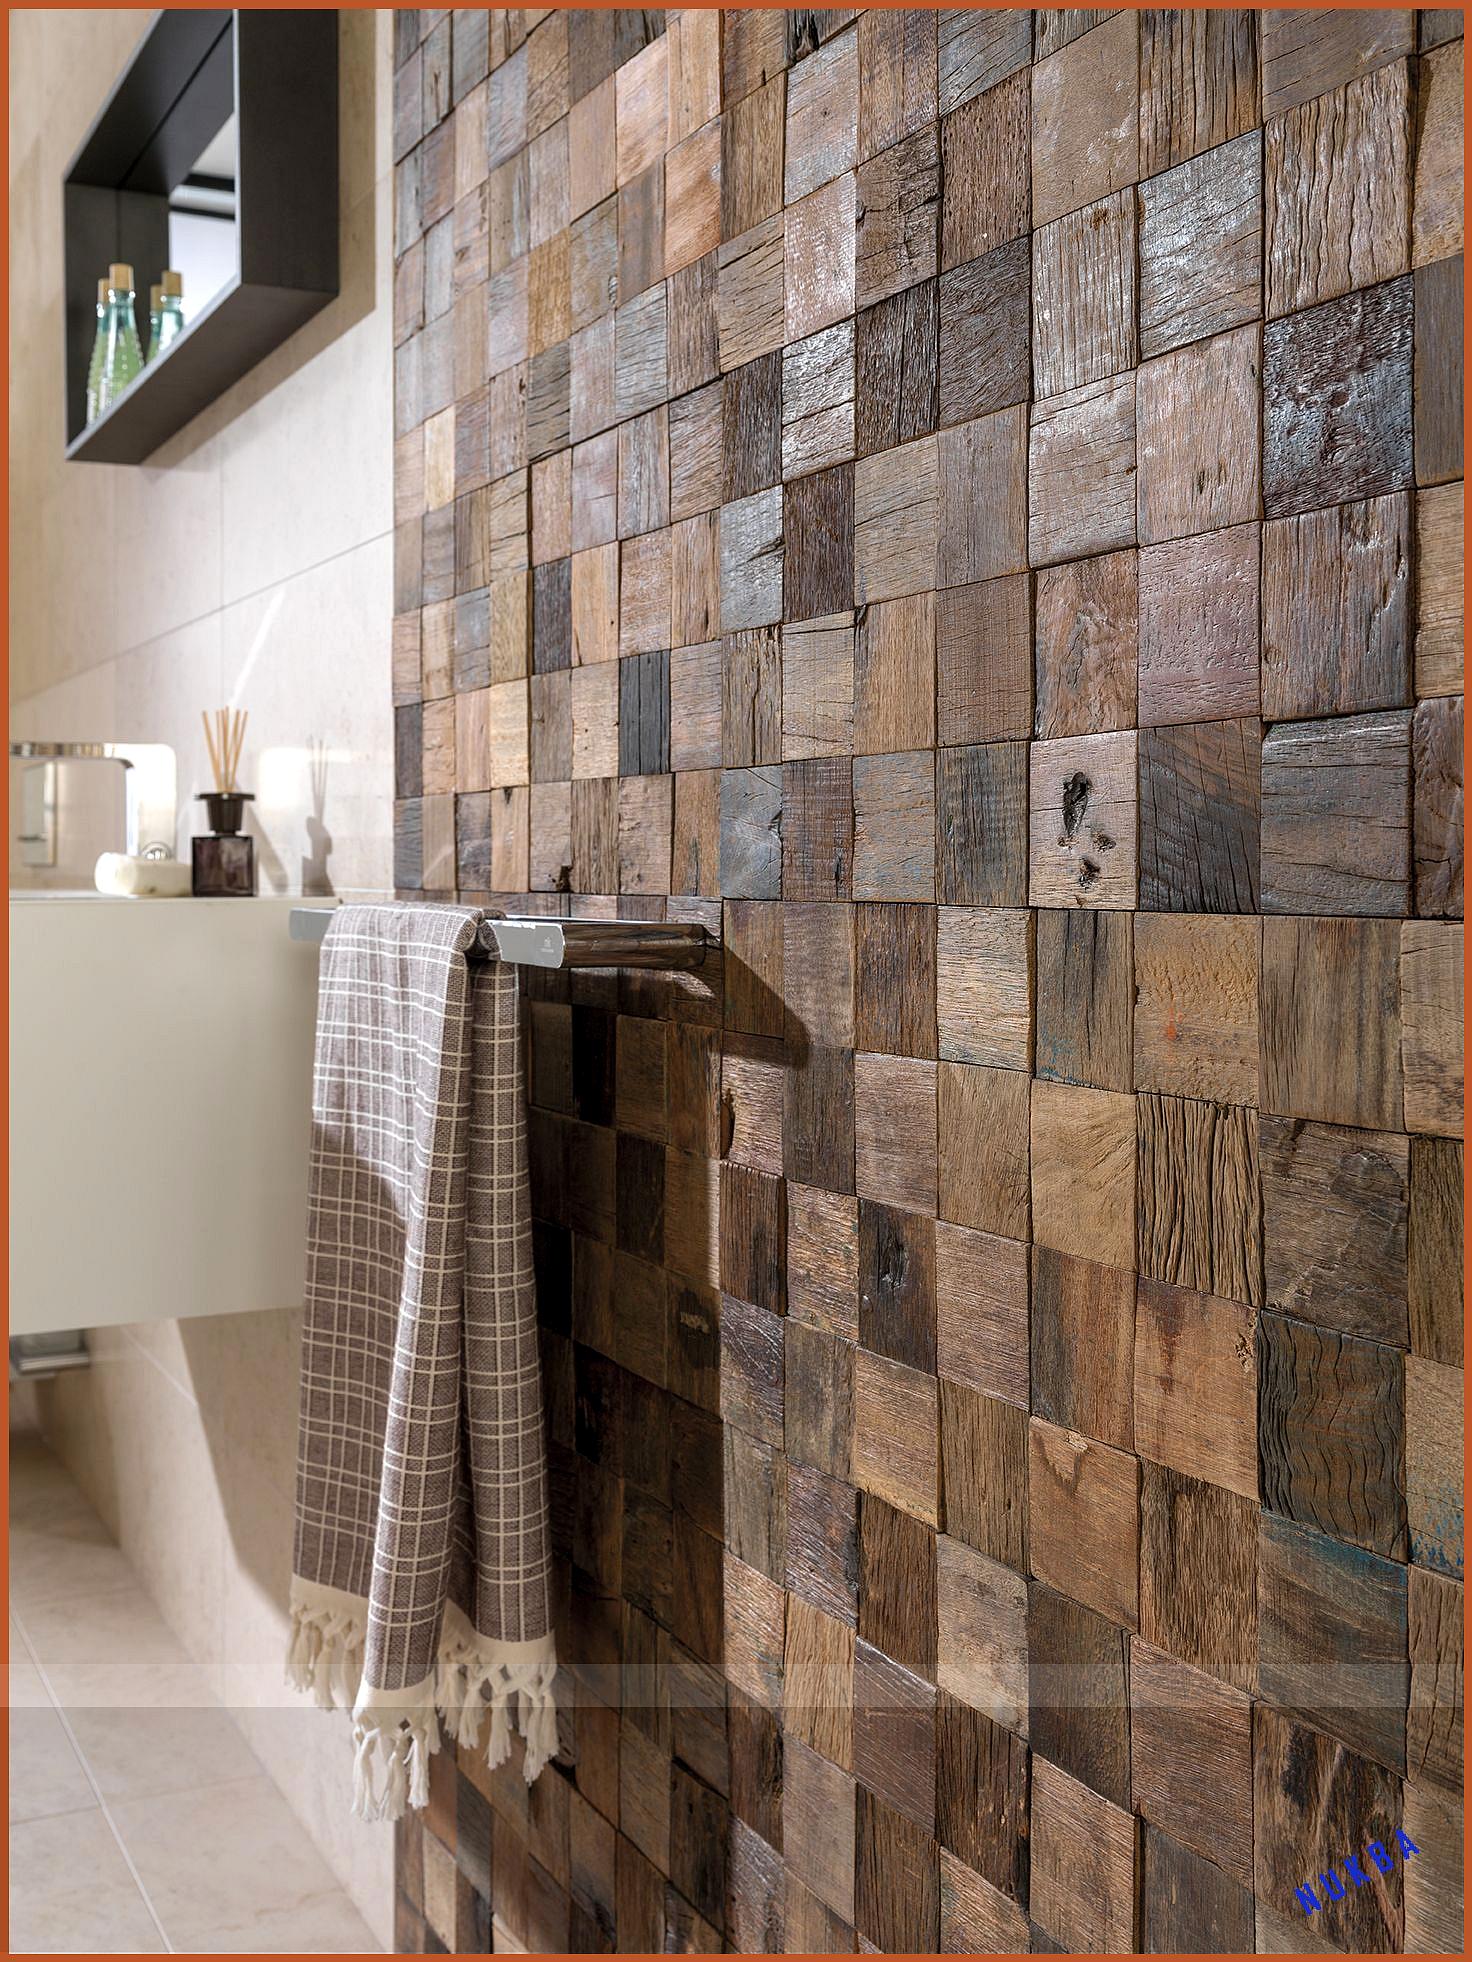 Holzoptik In Raffiniertem Mosaikdesign In 2020 Holzwandgestaltung Into The Woods Holzoptik